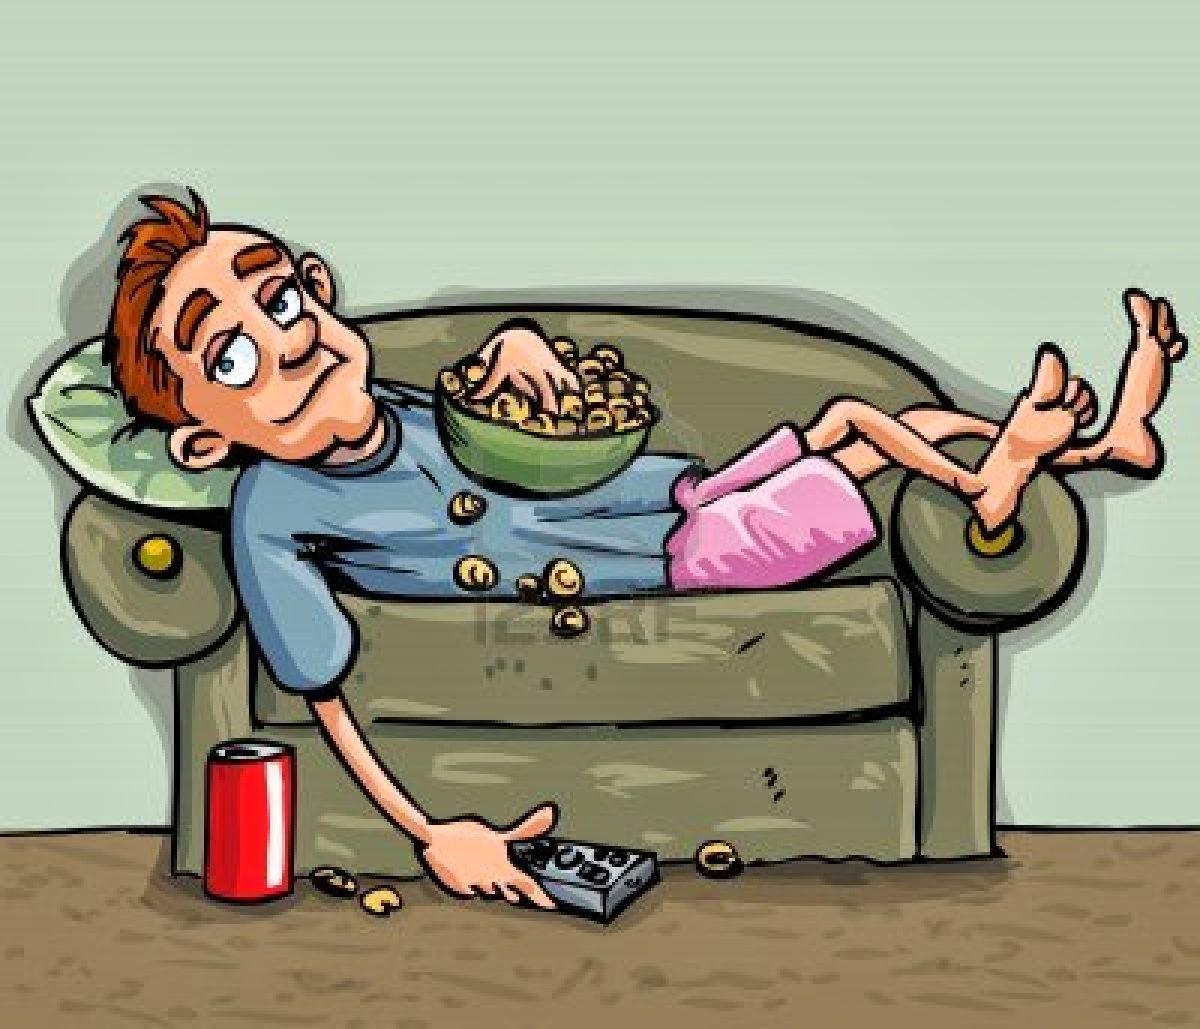 Boy relaxing on sofa, watching TV